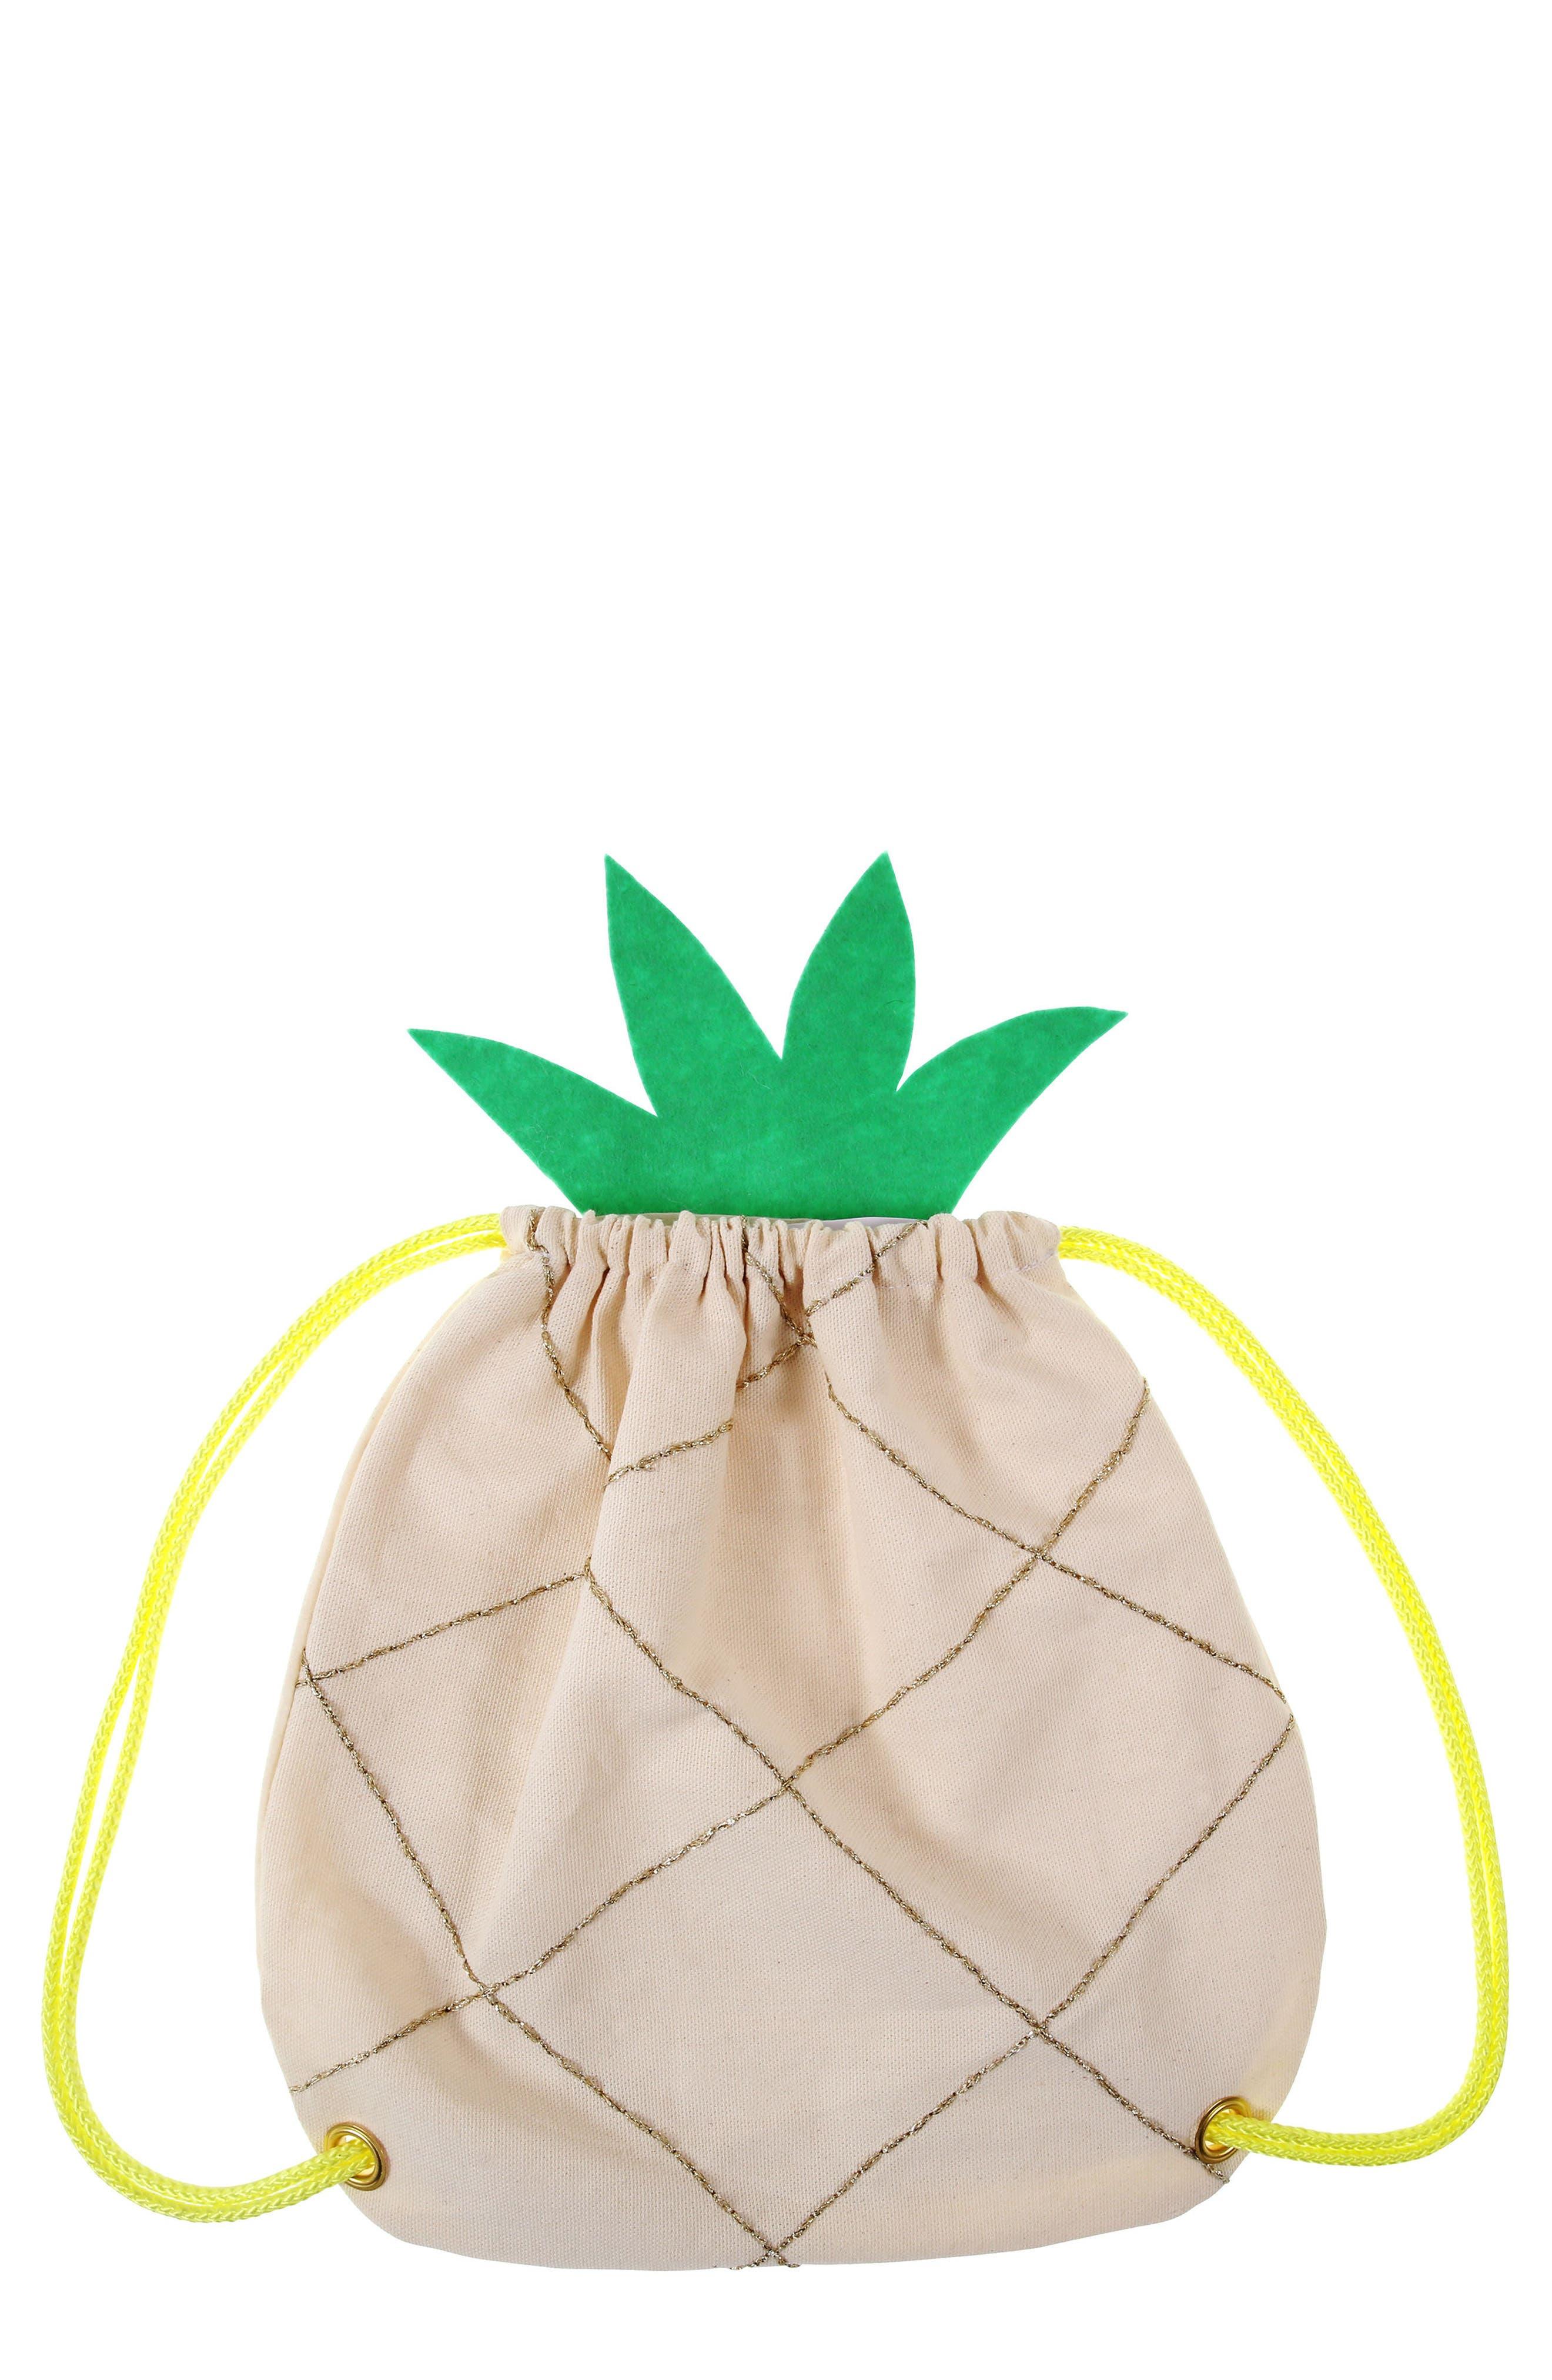 Backback Drawstring Bag,                         Main,                         color, 252